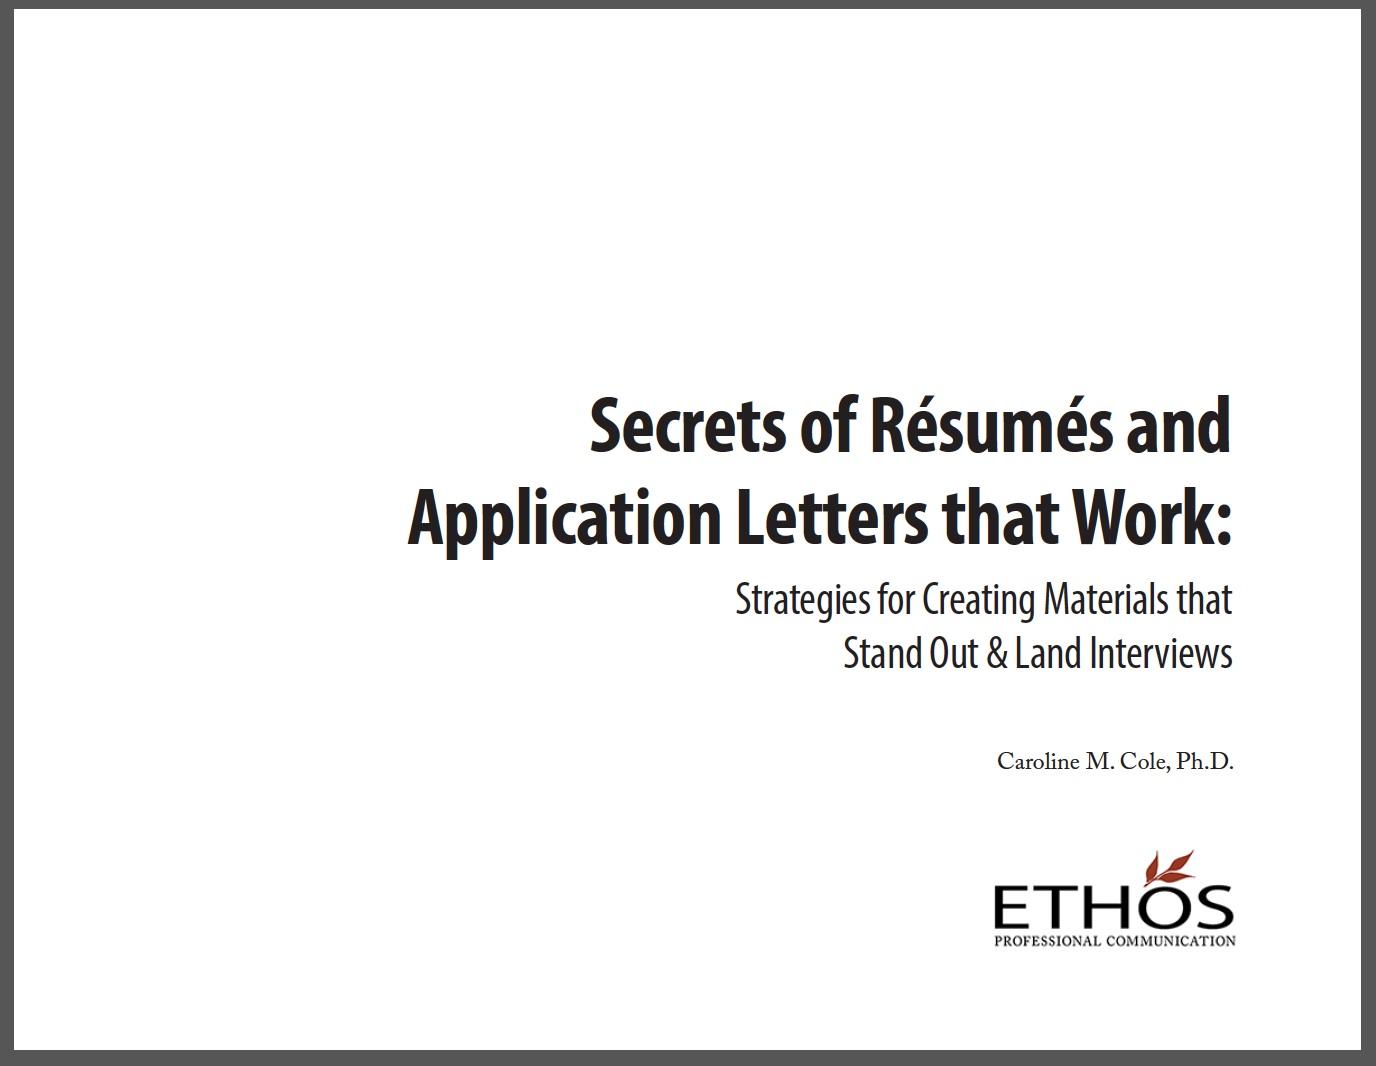 Secrets of Résumés and Application Letters that Work, Complete